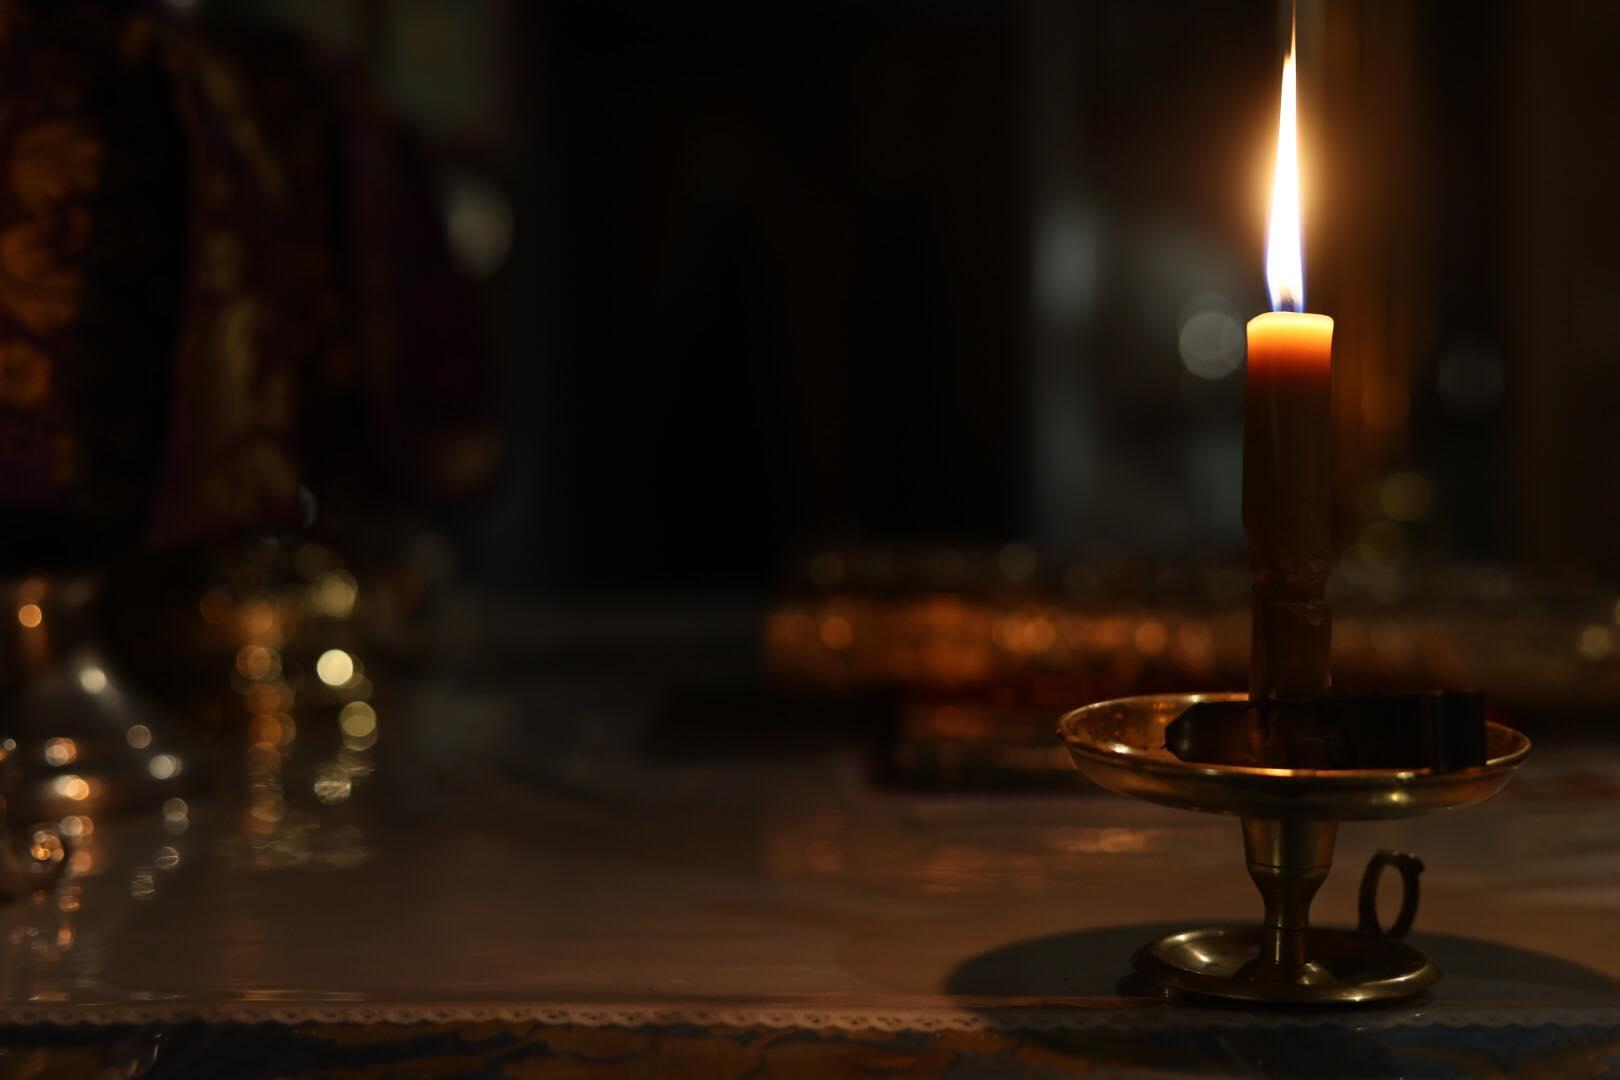 Πνευματικοί προβληματισμοί κατά την περίοδο του κορωνοϊού | Πεμπτουσία